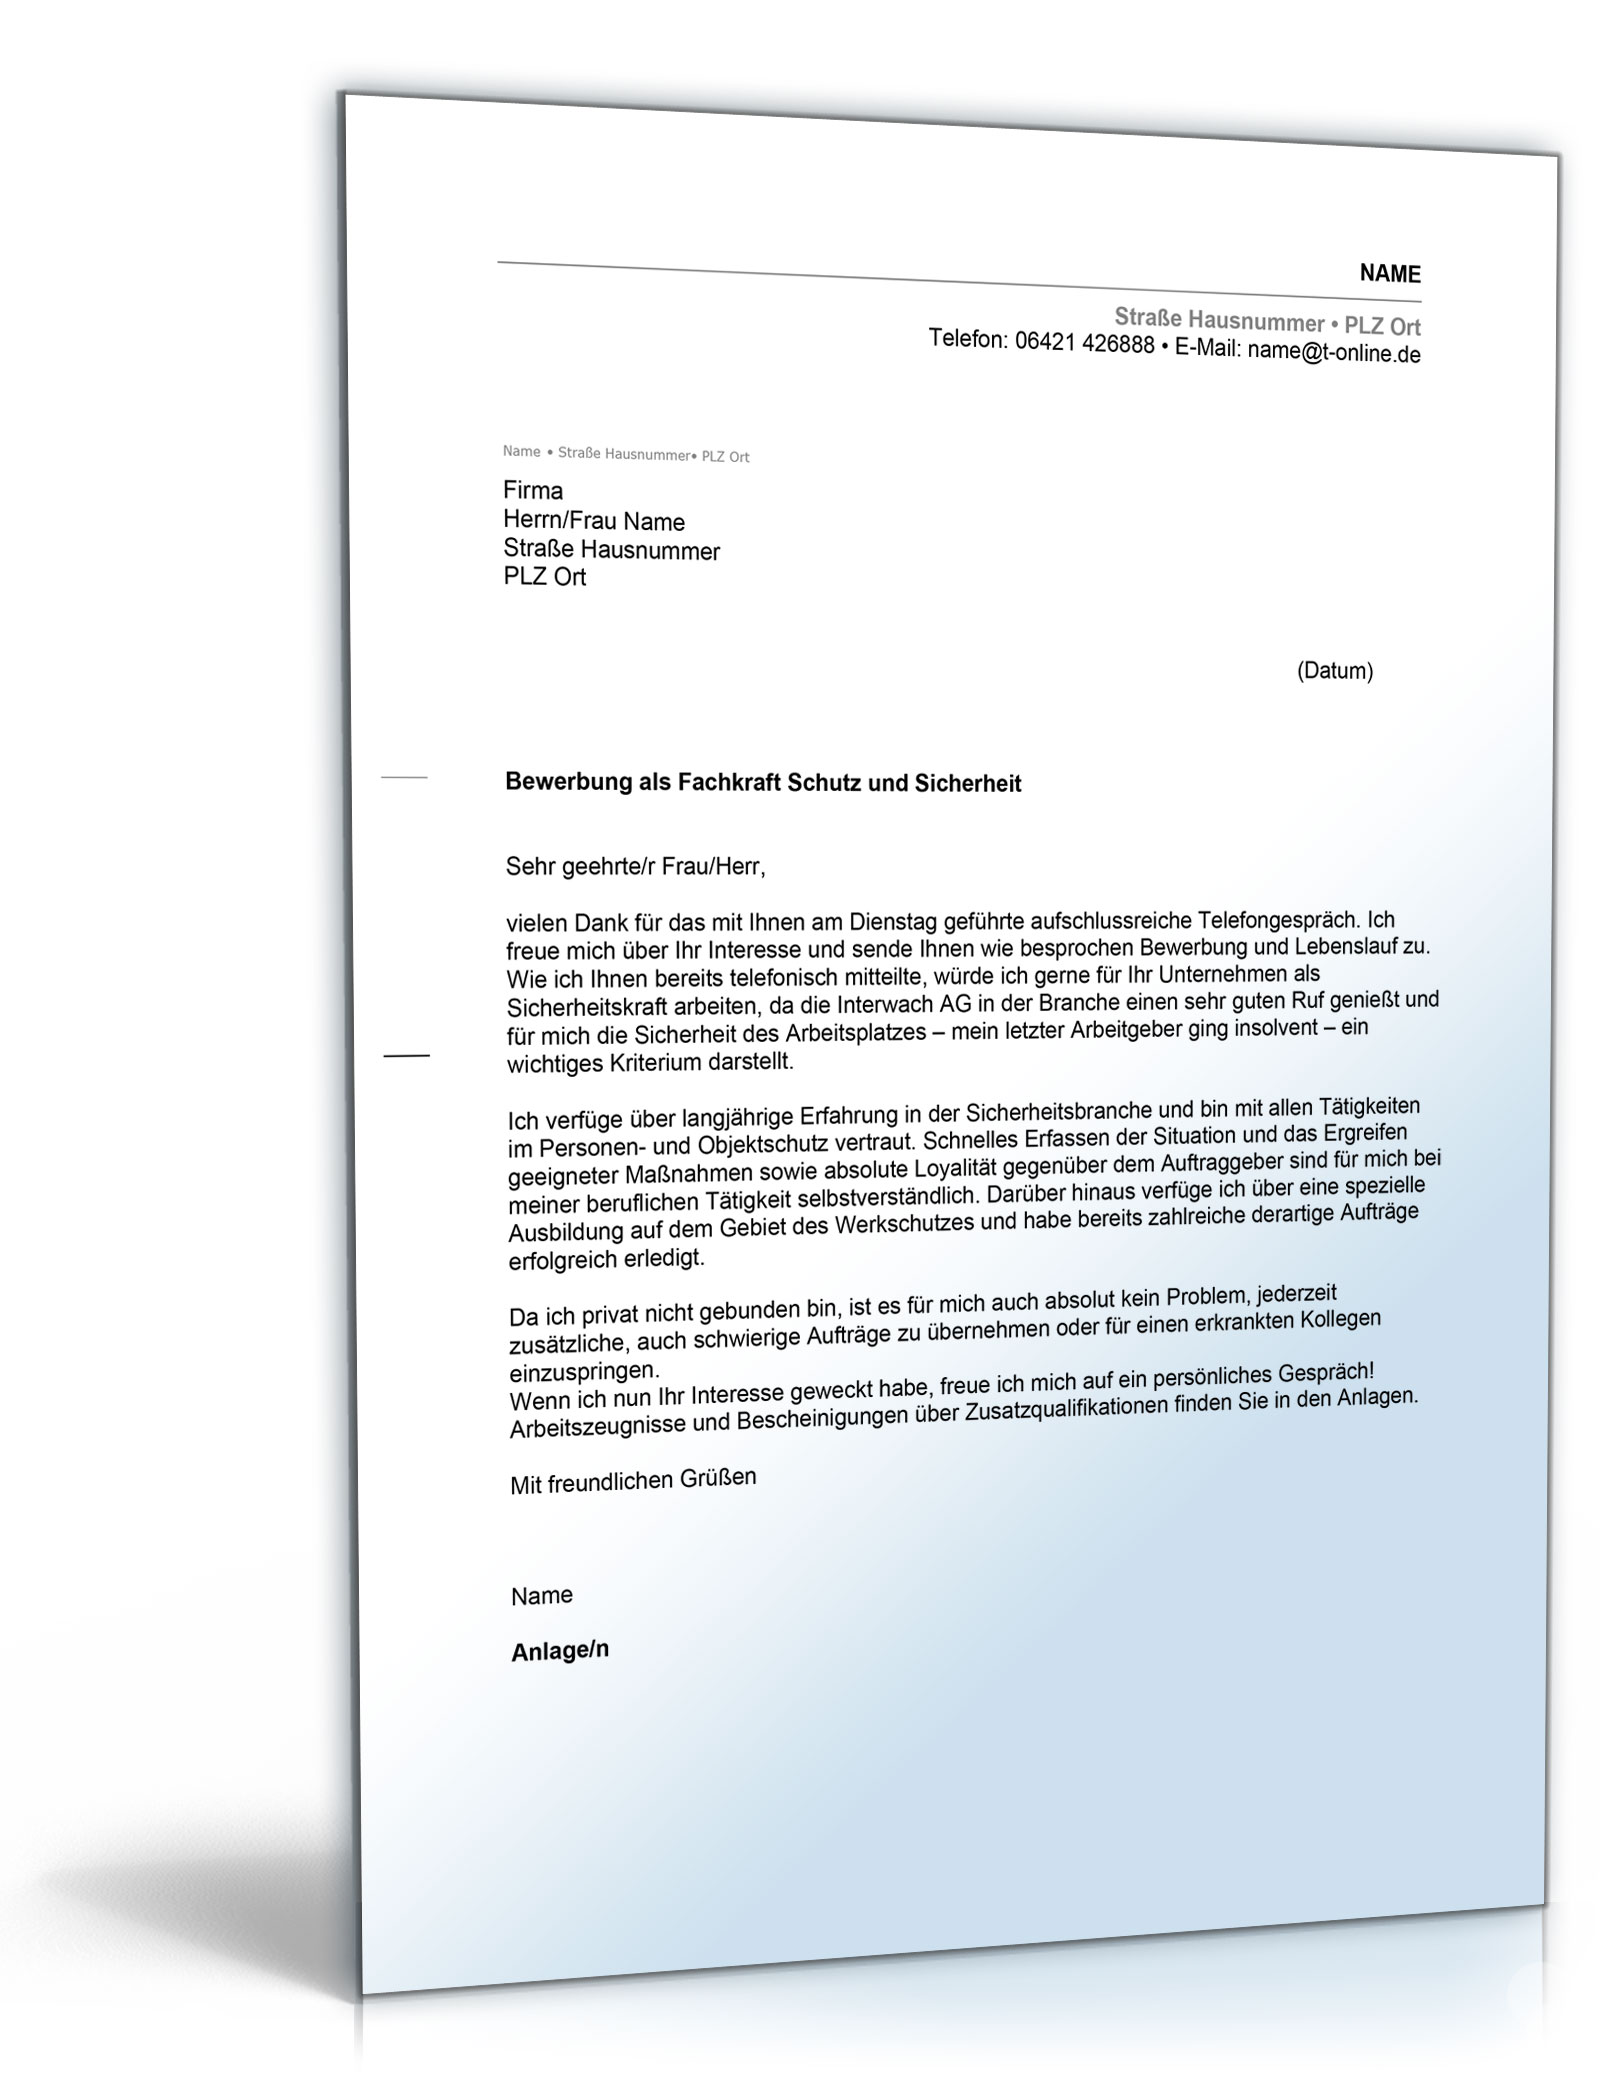 Anschreiben Bewerbung Sicherheitsdienst [Word Dokument]: Amazon.de